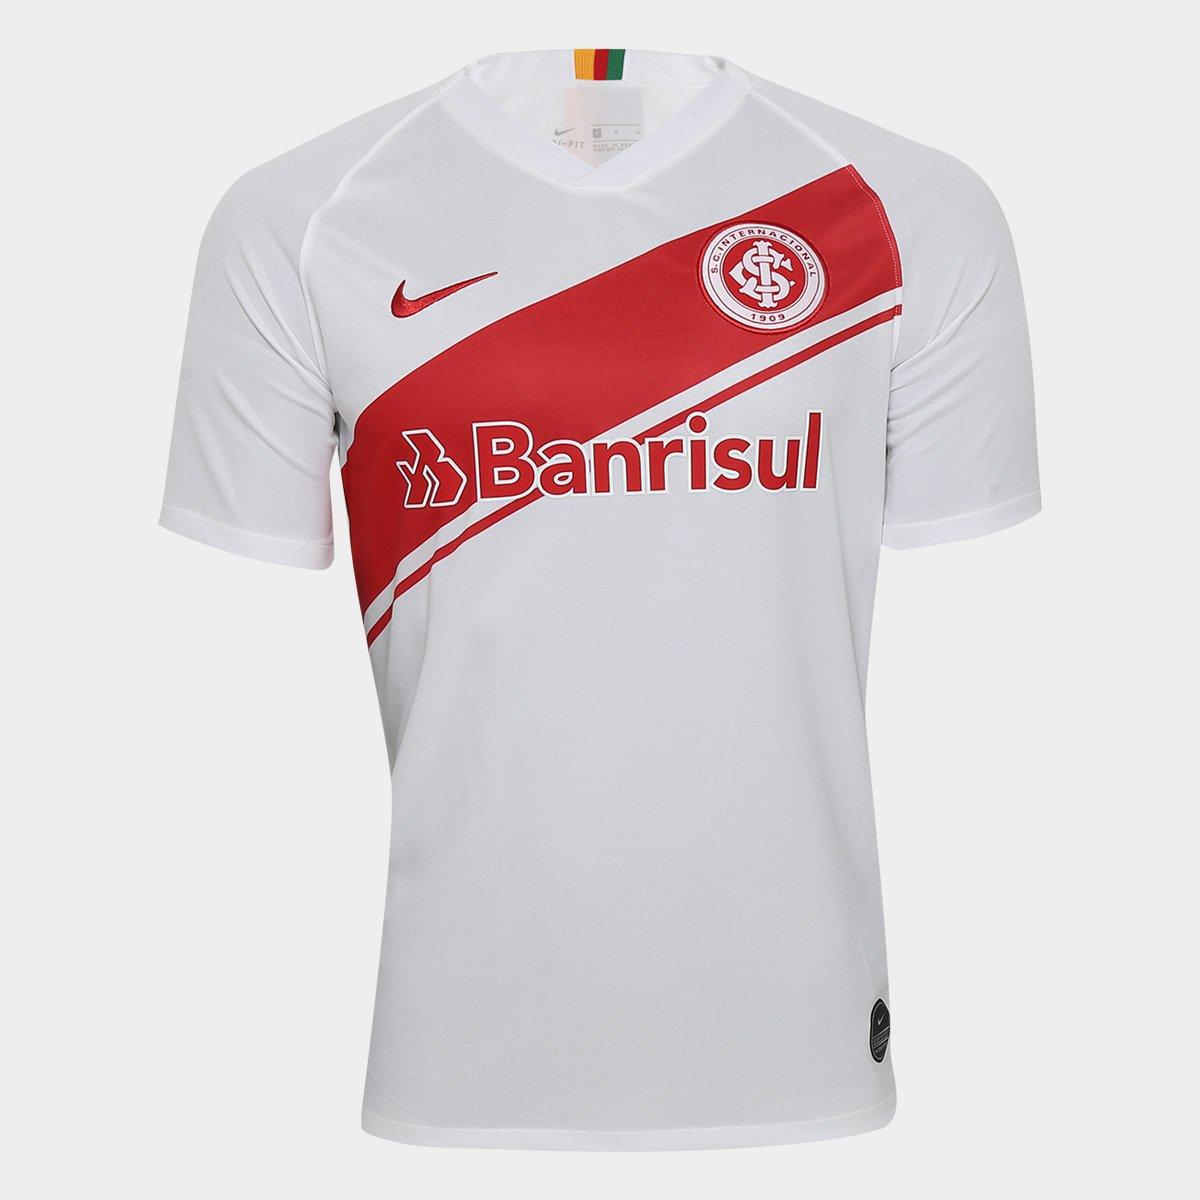 38f3eecc1 Camisa Internacional II 19 20 s nº Torcedor Nike Masculina - Branco e  Vermelho - Compre Agora